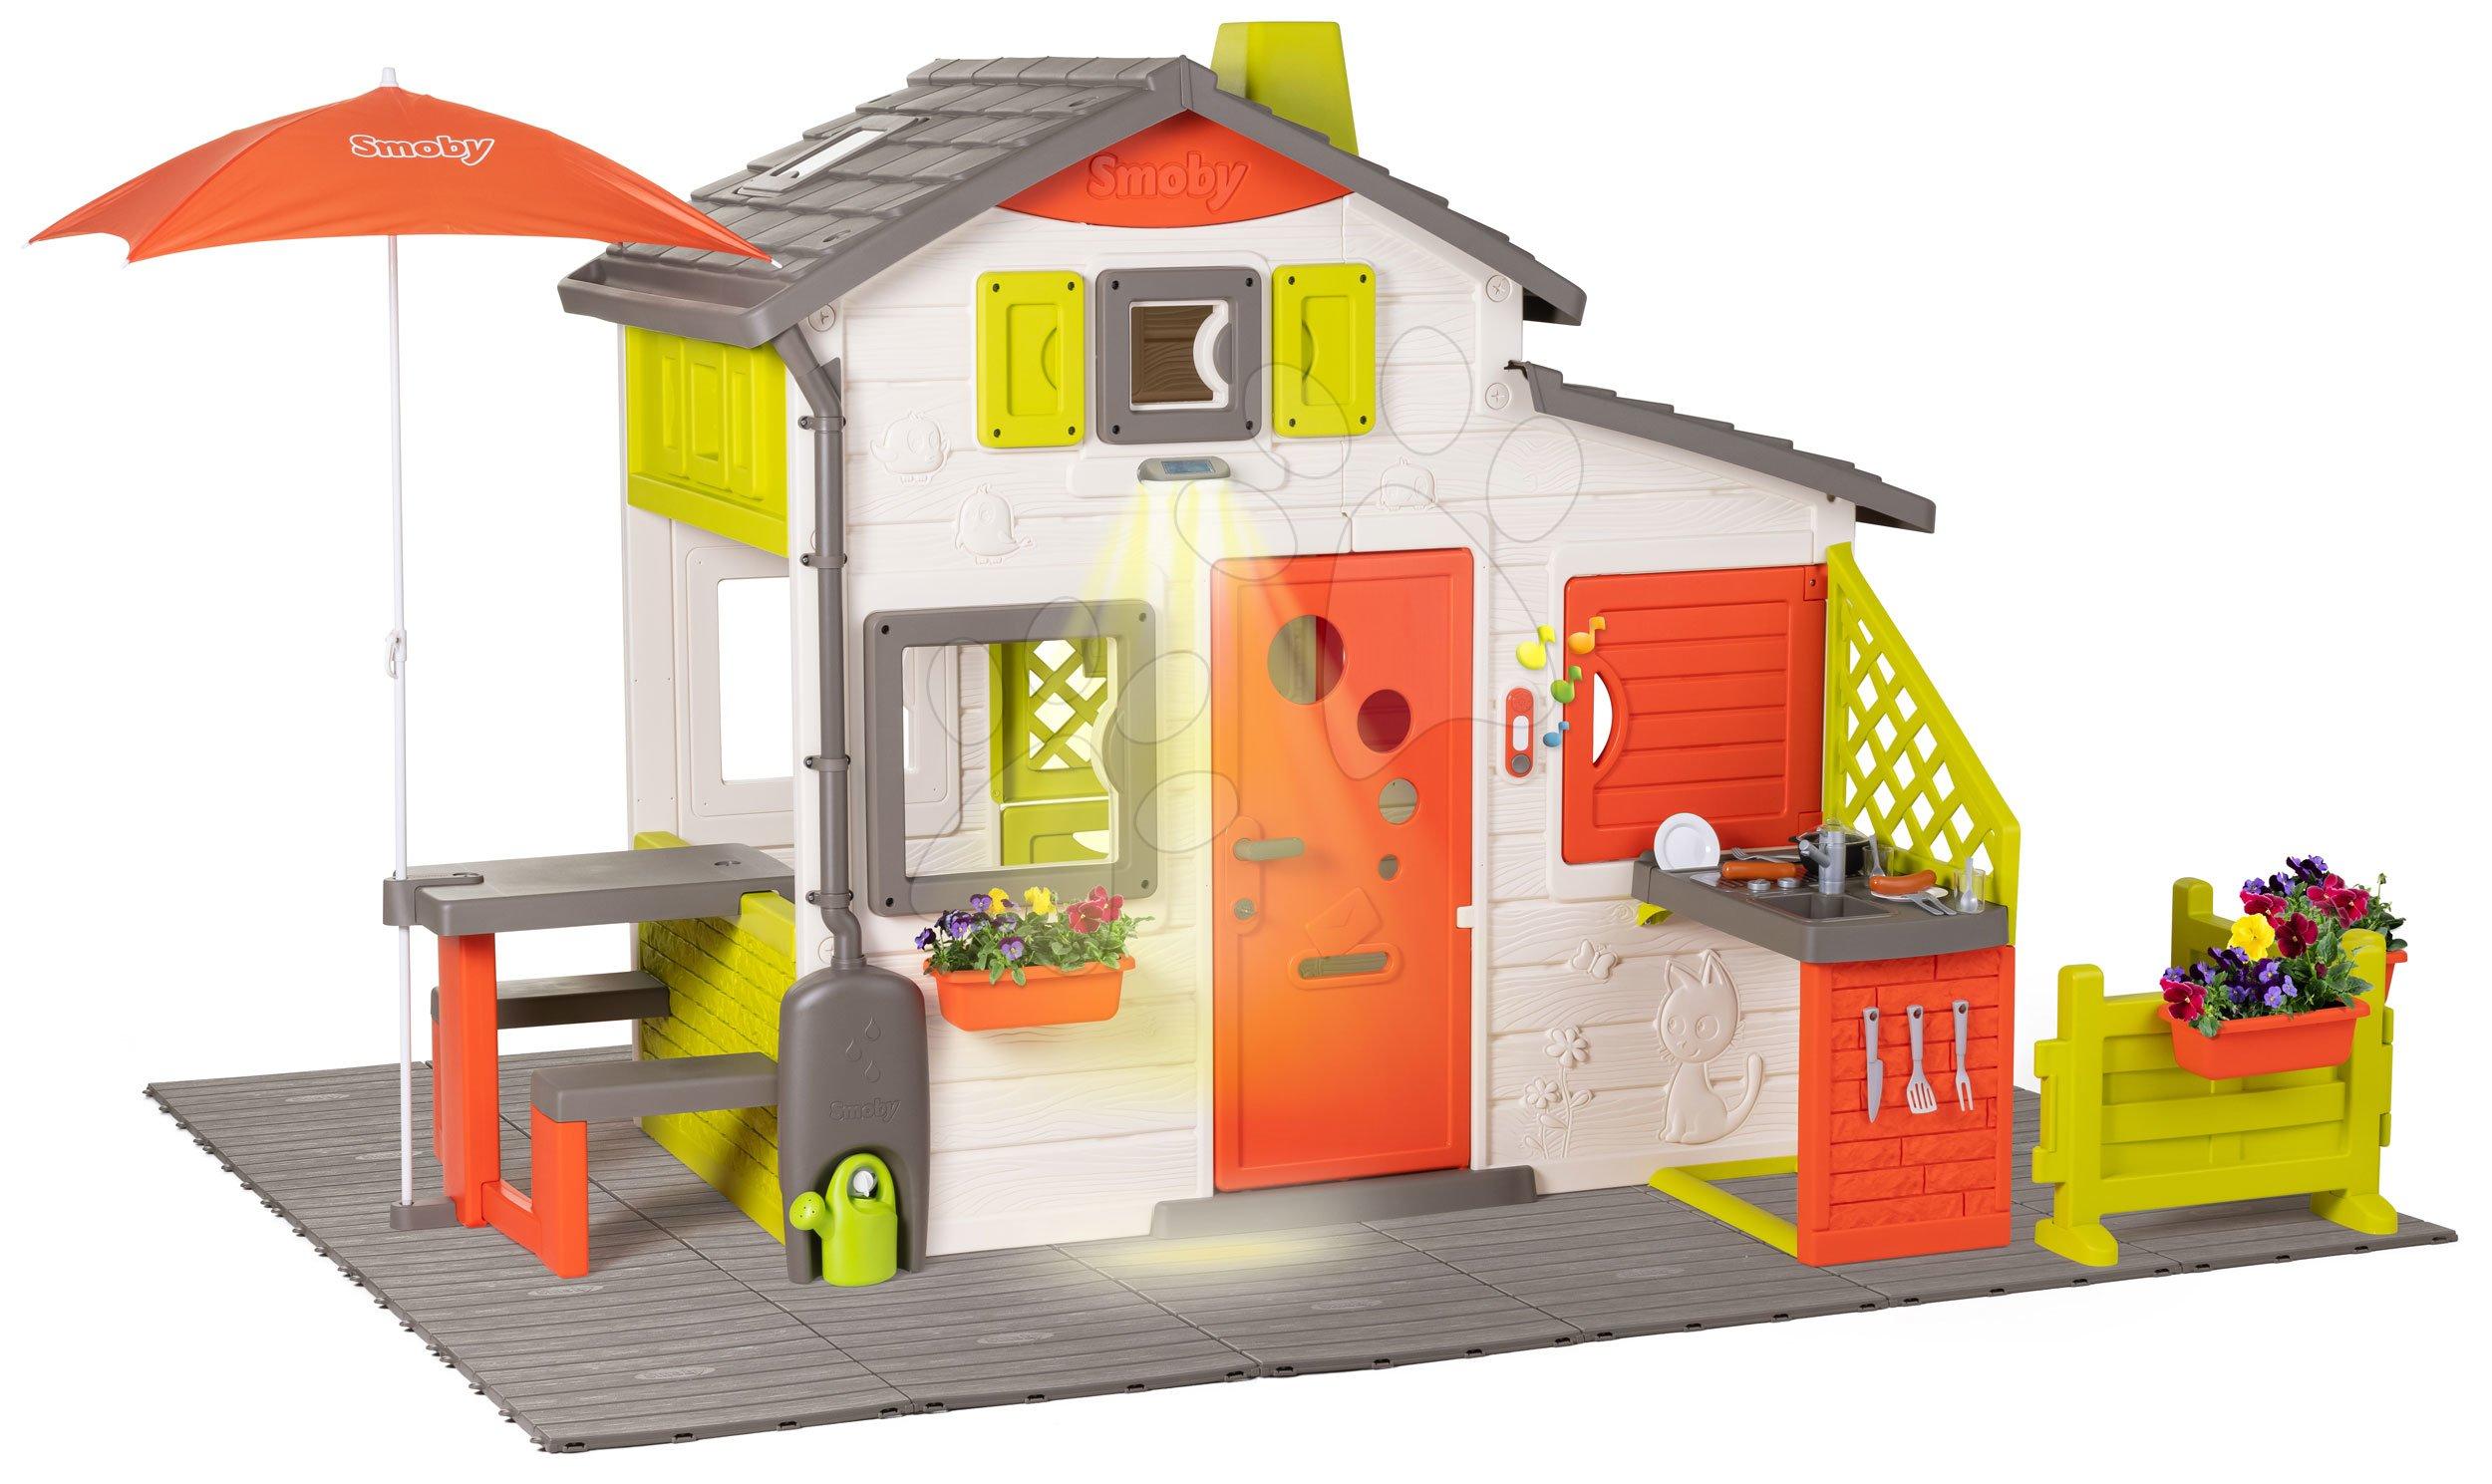 Kućica Neo Friends House DeLuxe Smoby s piknik stolićem pod suncobranom na vrtu i kuhinjom